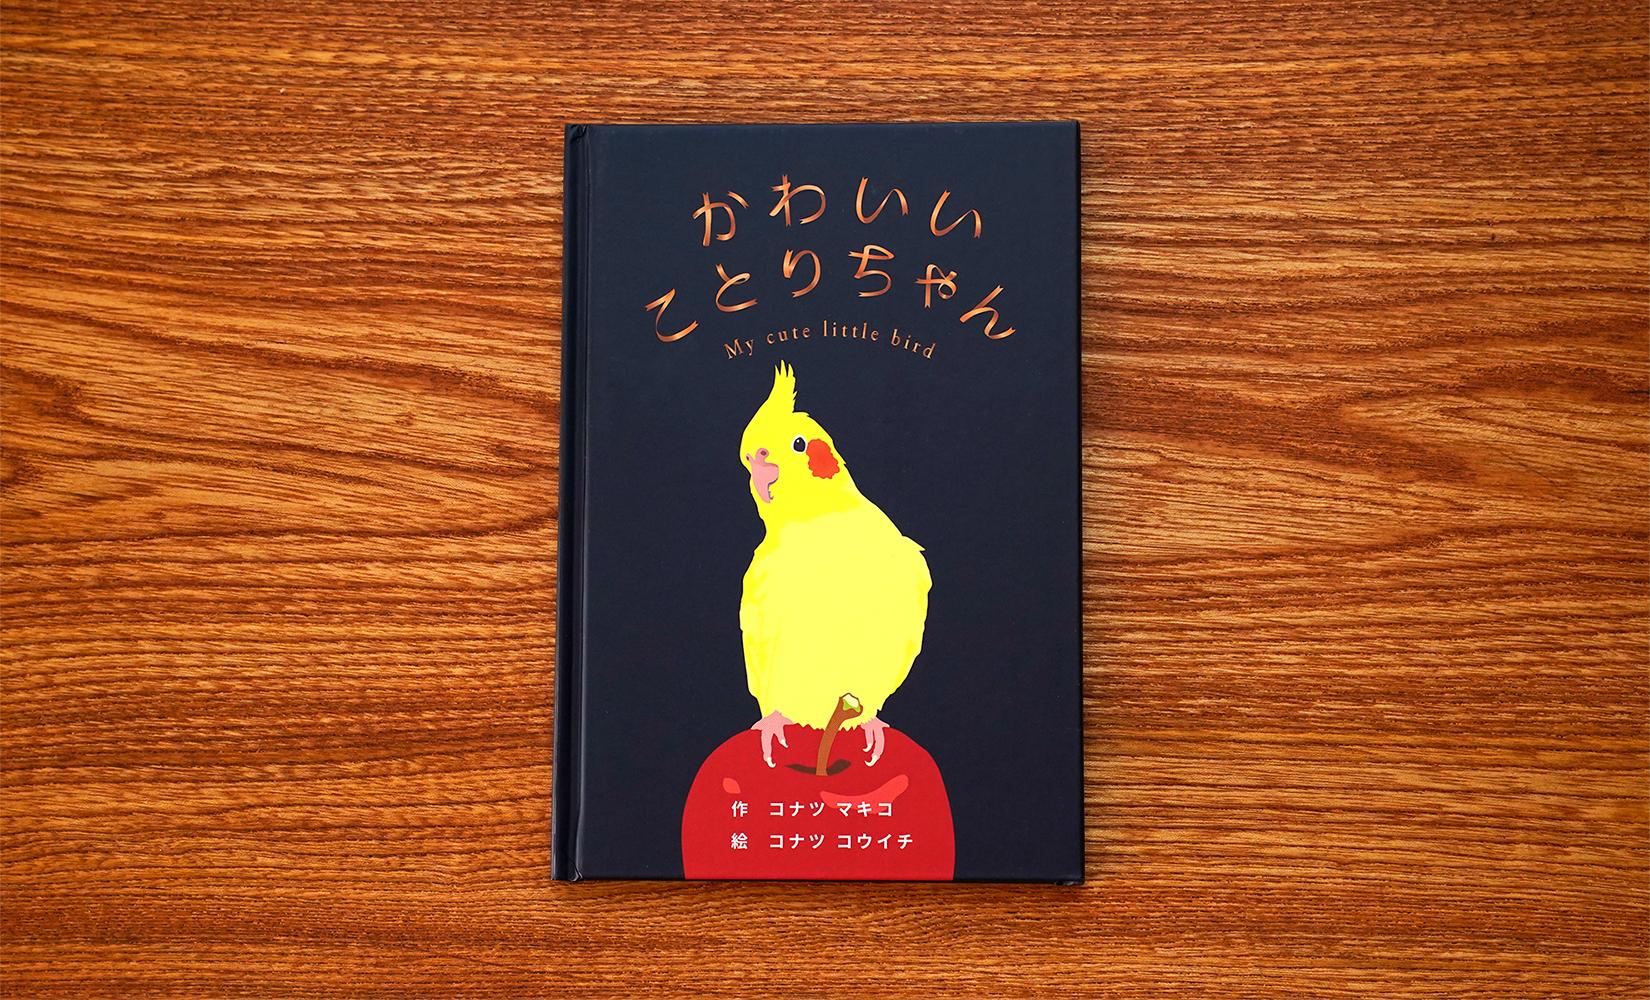 絵本『かわいいことりちゃん』取り扱い店舗 (随時更新中)